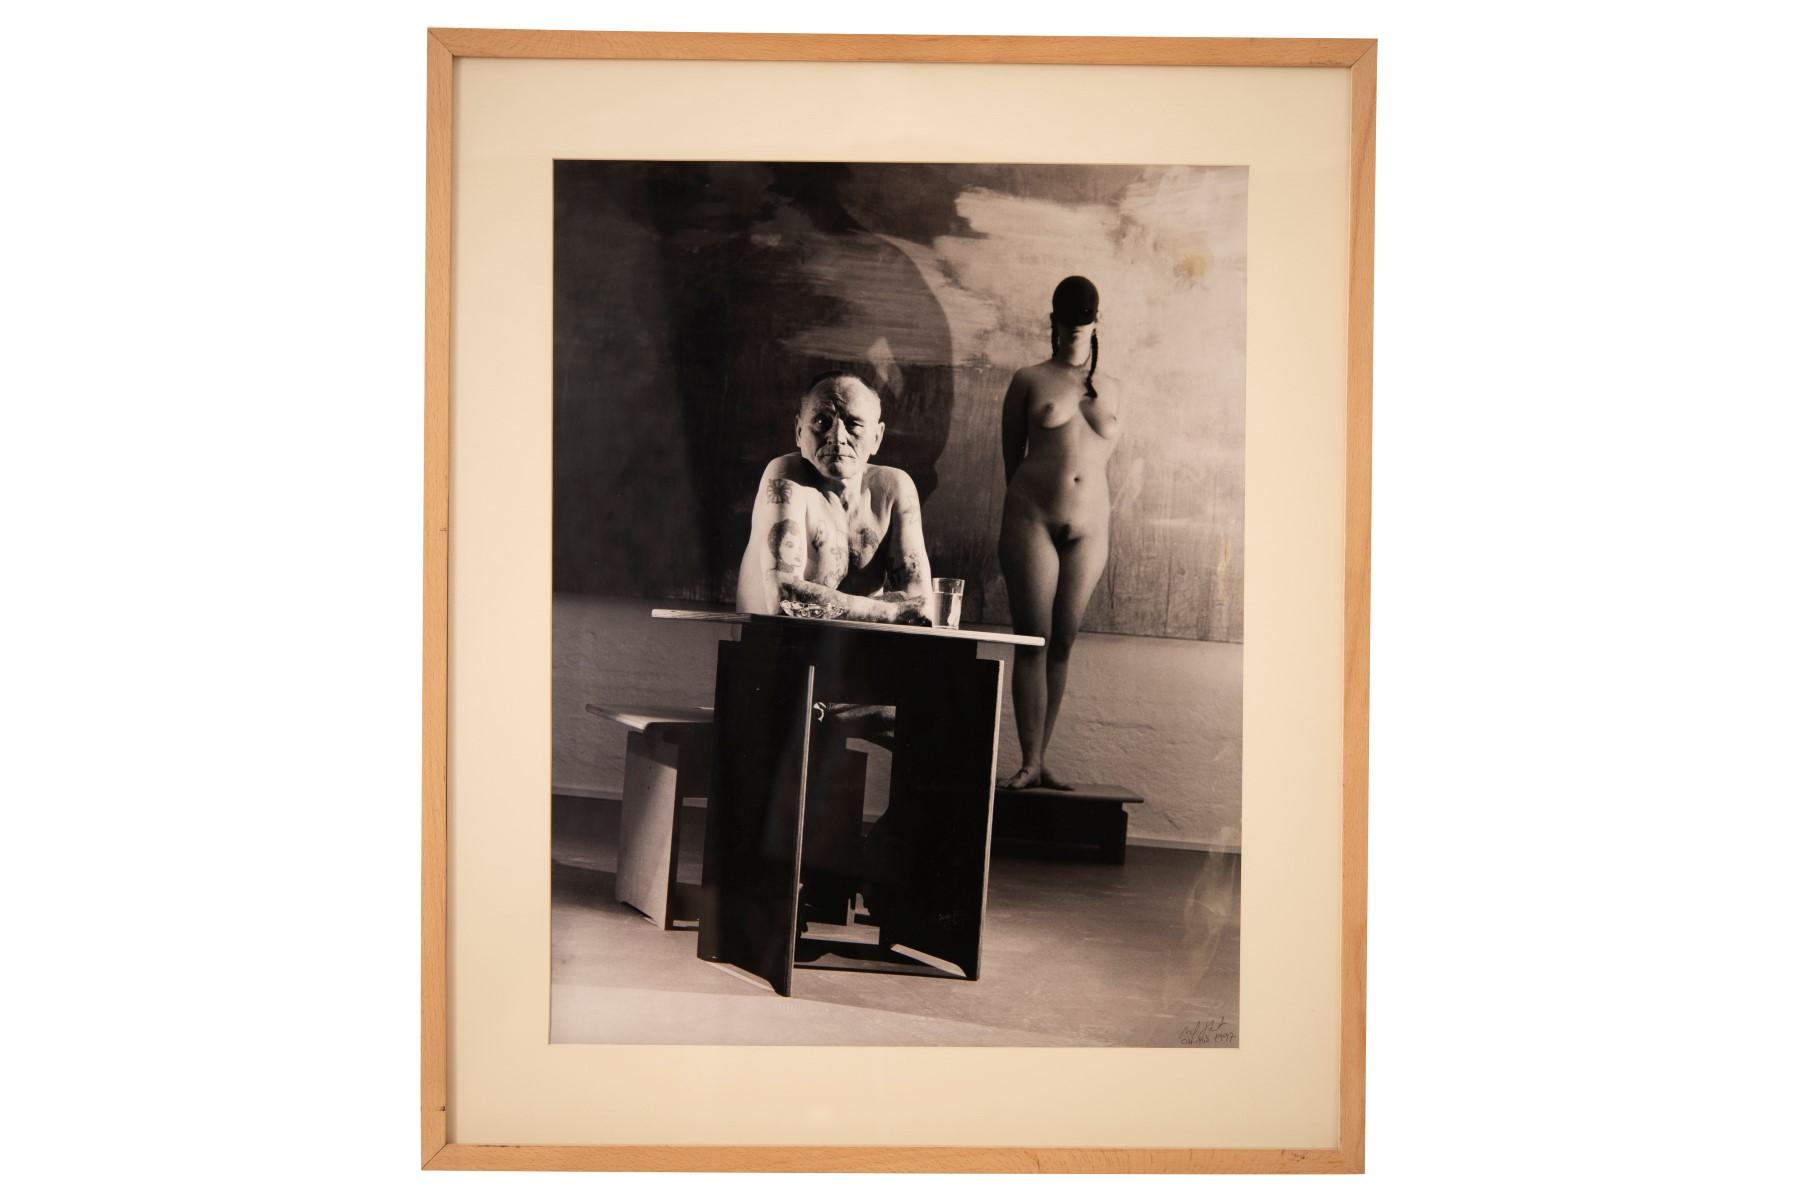 #106 Marcel Houf* (1951), Chaos, Vienna 1997 | Marcel Houf* (1951), Chaos, Wien 1997 Image